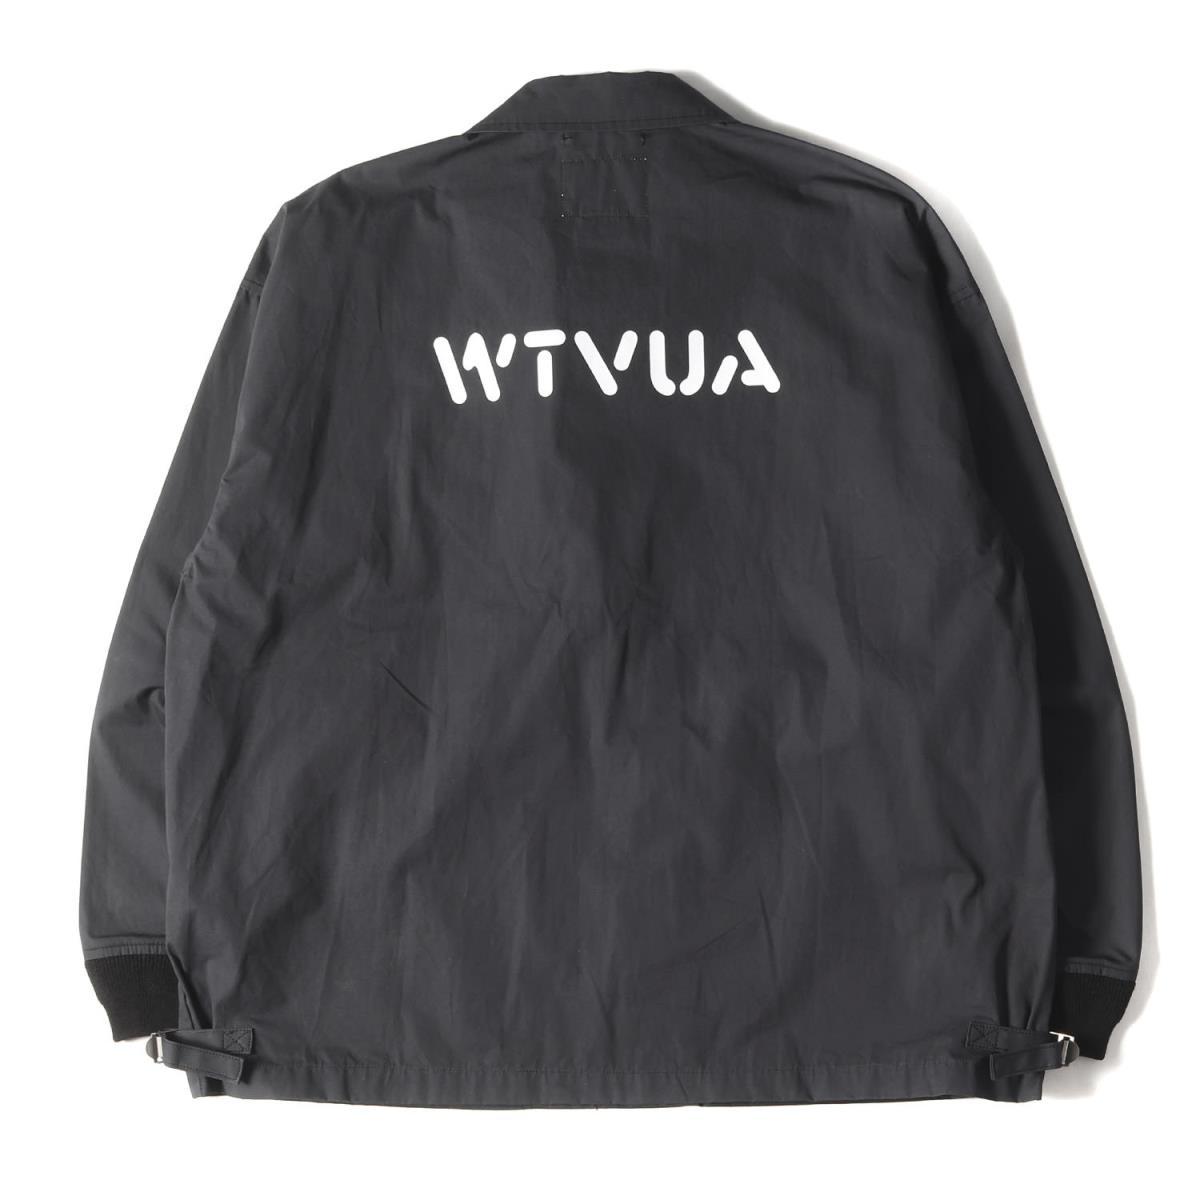 WTAPS ダブルタップス ジャケット 20SS WTVUAロゴ A 2 デッキジャケット D2ブラック LメンズK2661WD92HIE